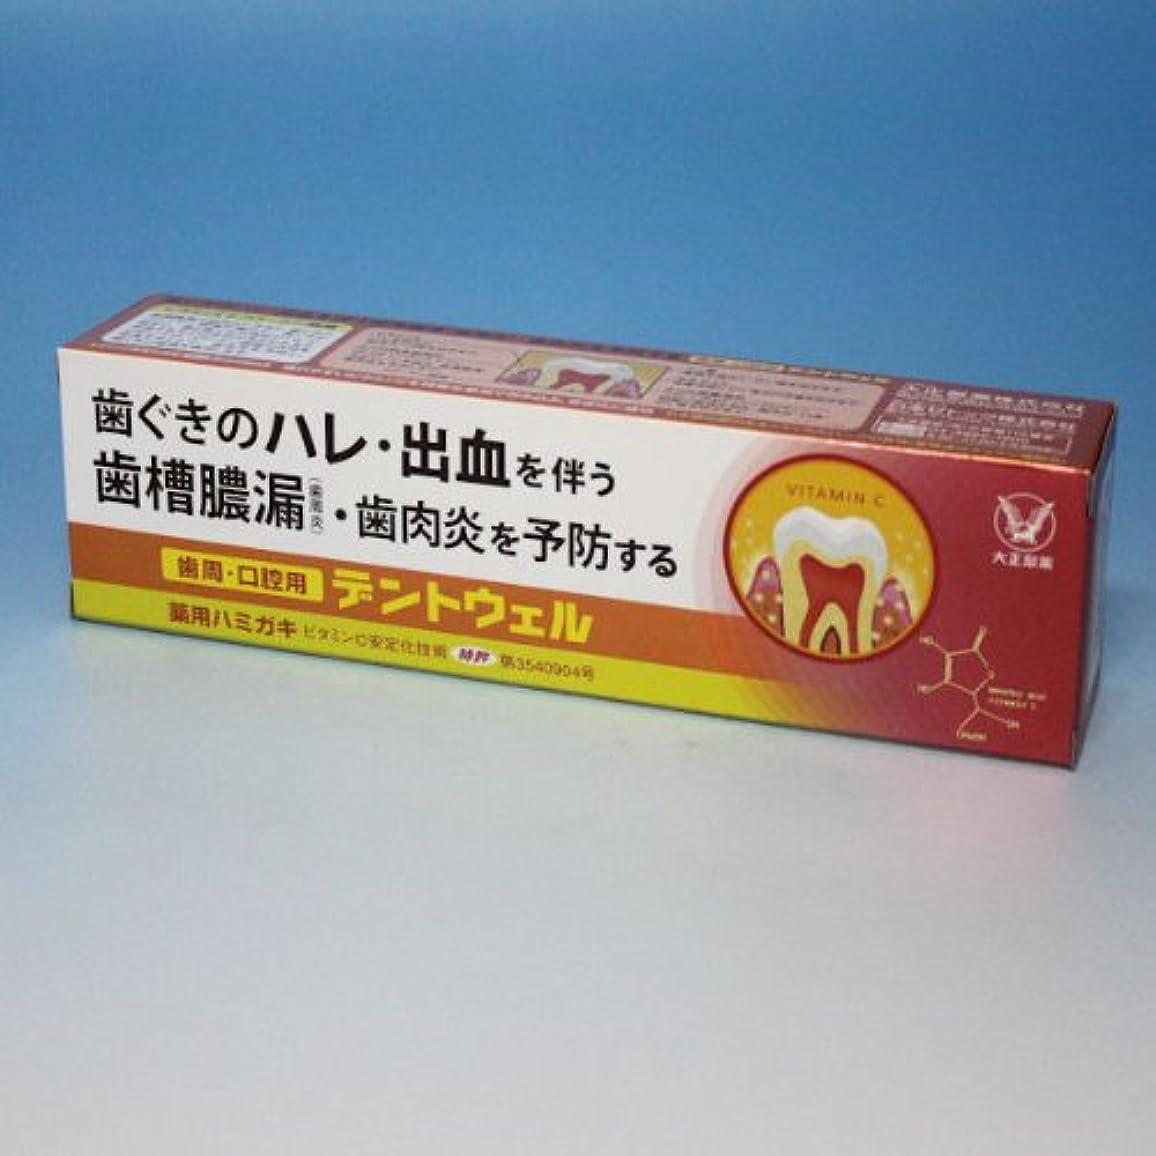 休日に知覚する本当に大正製薬 歯周?口腔用デントウェル 100g